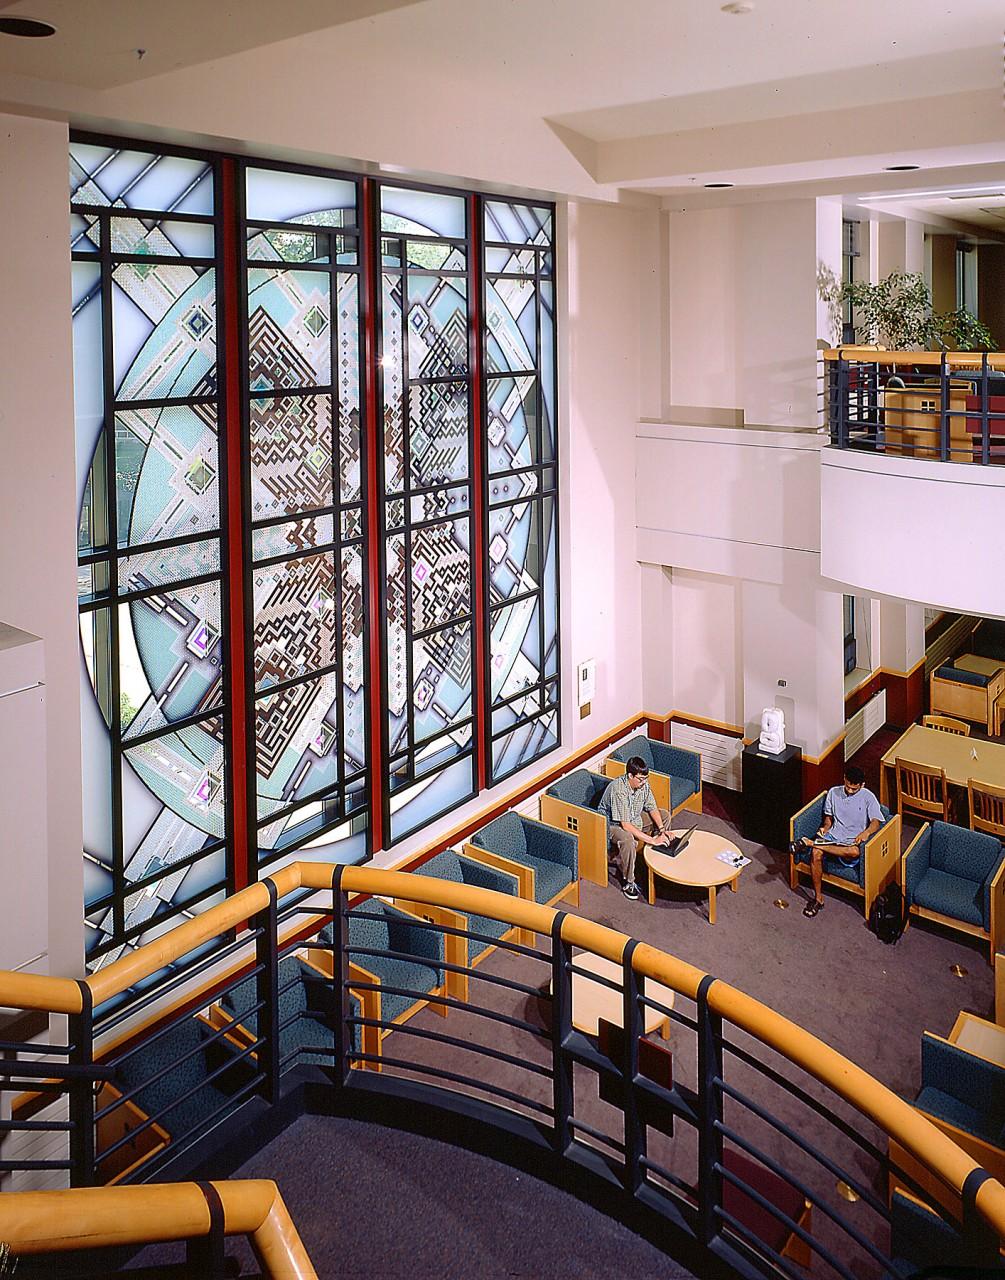 University of Wisconsin, Madison, Wisconson / image 1